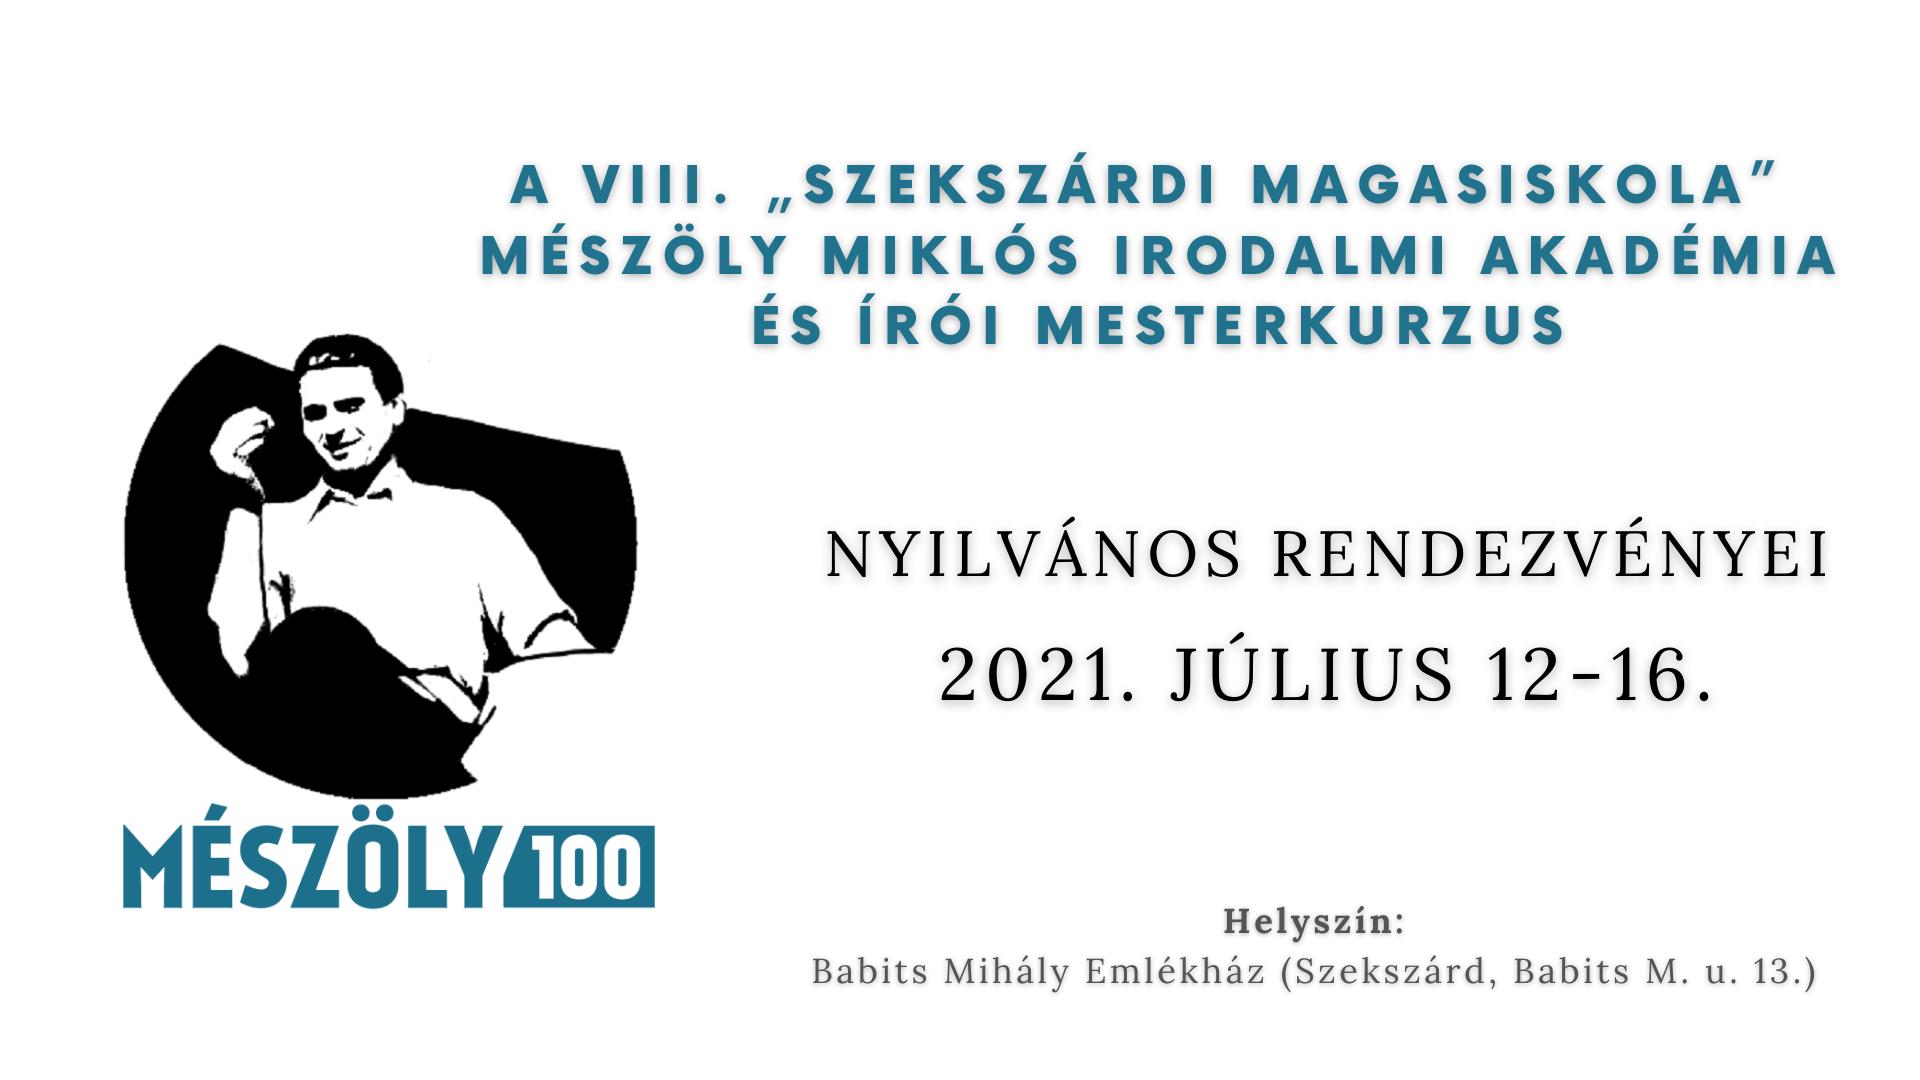 Mészöly 100 – VIII. Szekszárdi Magasiskola